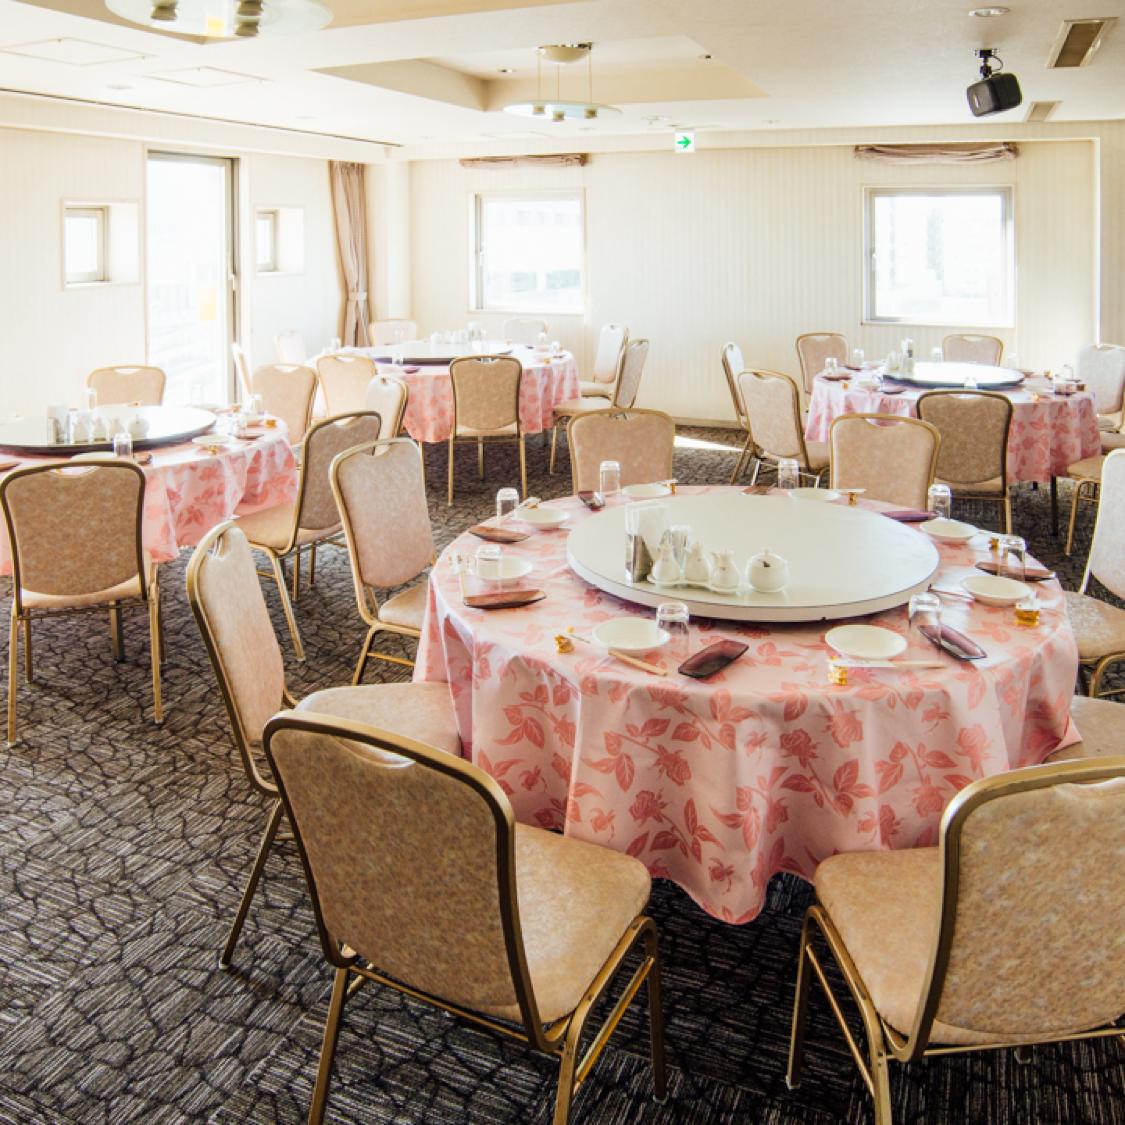 フロア貸切は、20名様〜着席70名様/立食100名様までご利用可能。